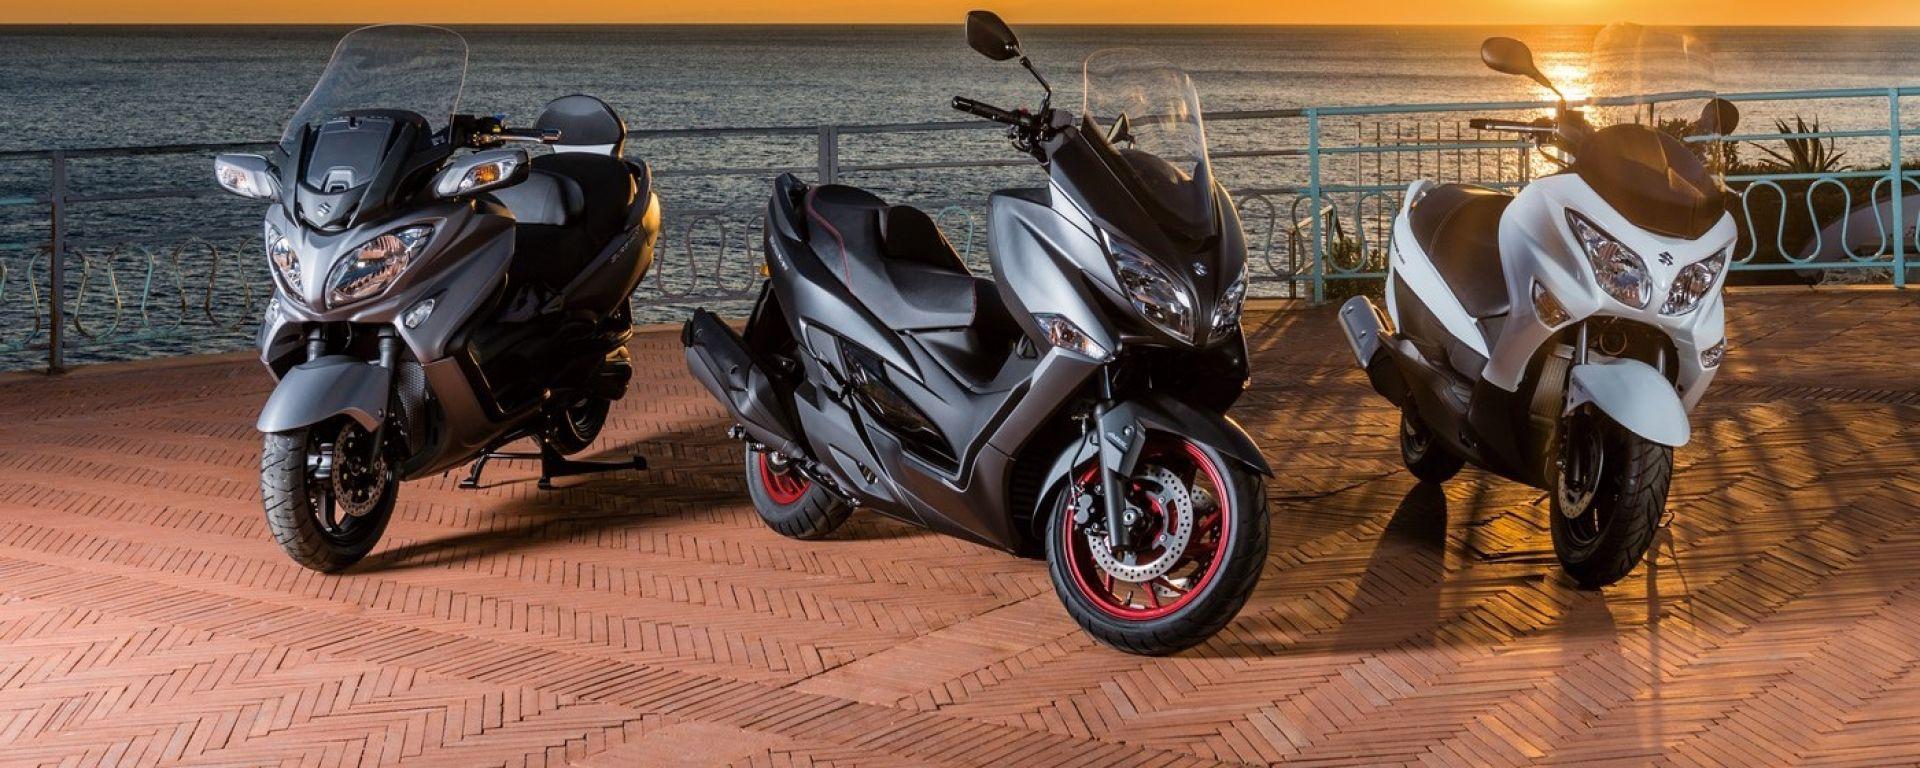 Motodays 2017: tutte le novità Suzuki